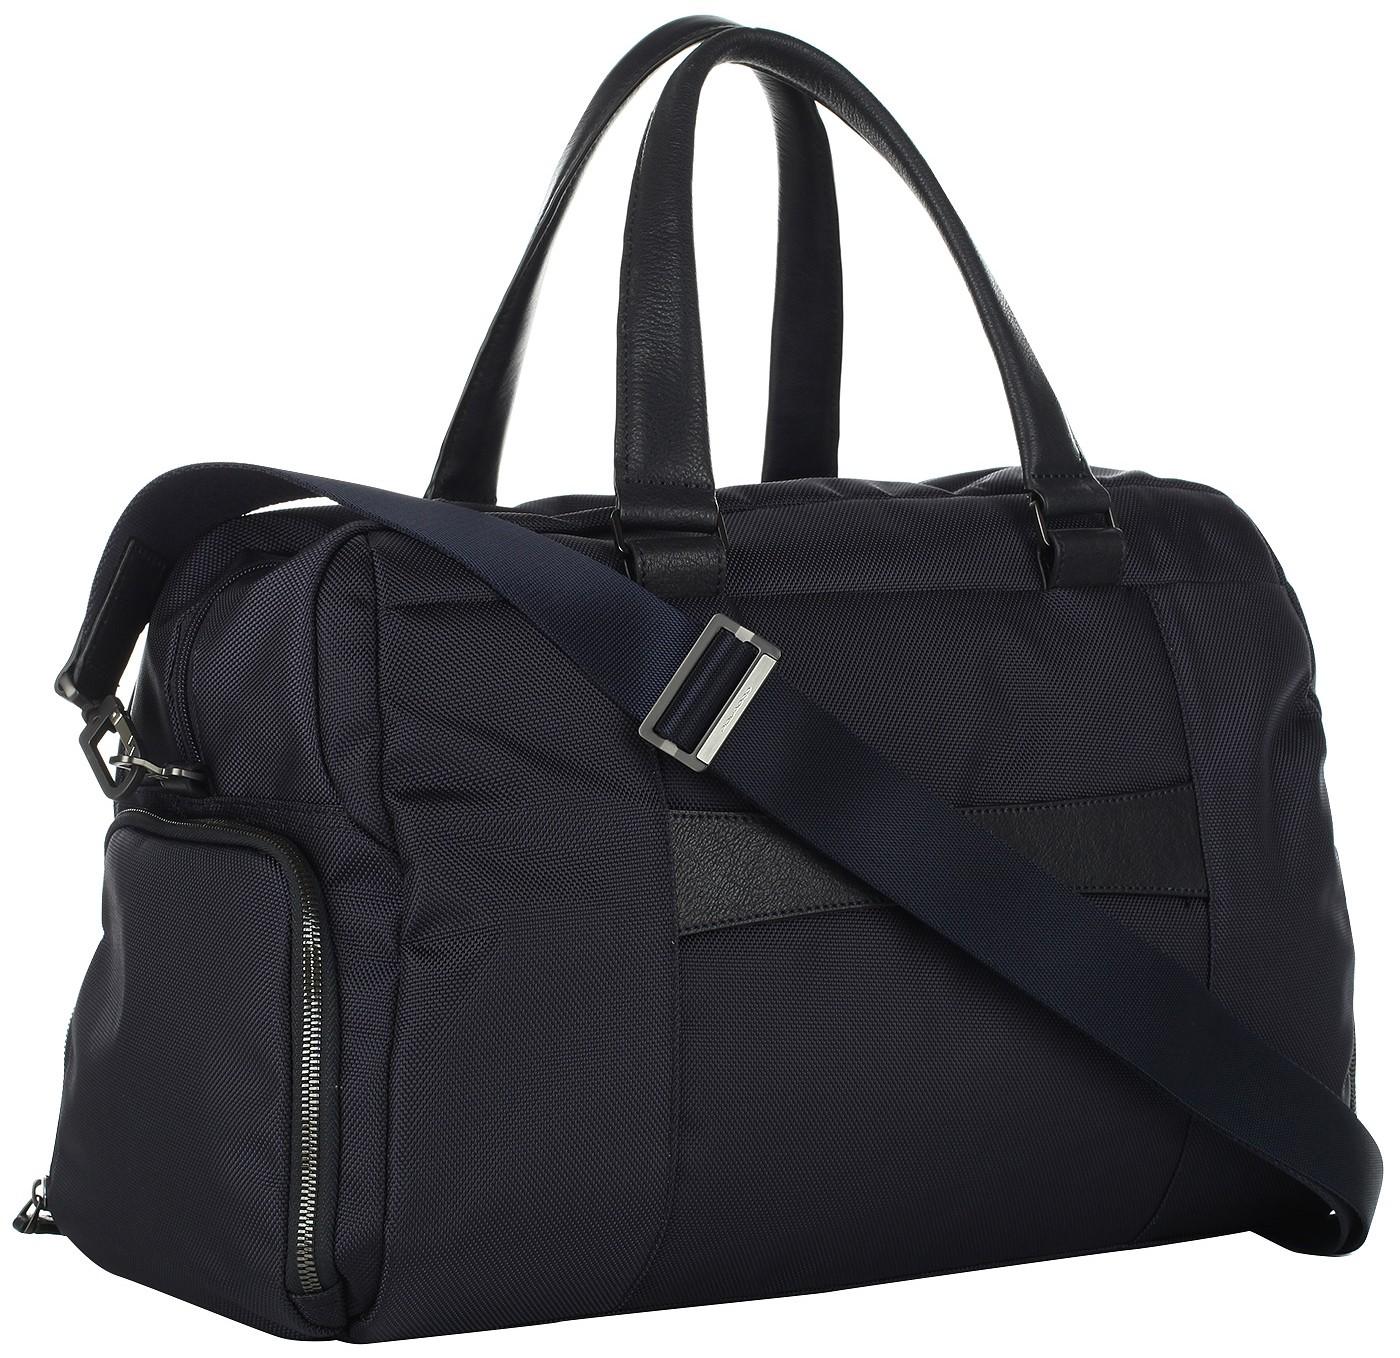 df177971e8da Piquadro Brief BV4447BR – купить сумку дорожную, сравнение цен  интернет-магазинов: фото, характеристики, описание | E-Katalog